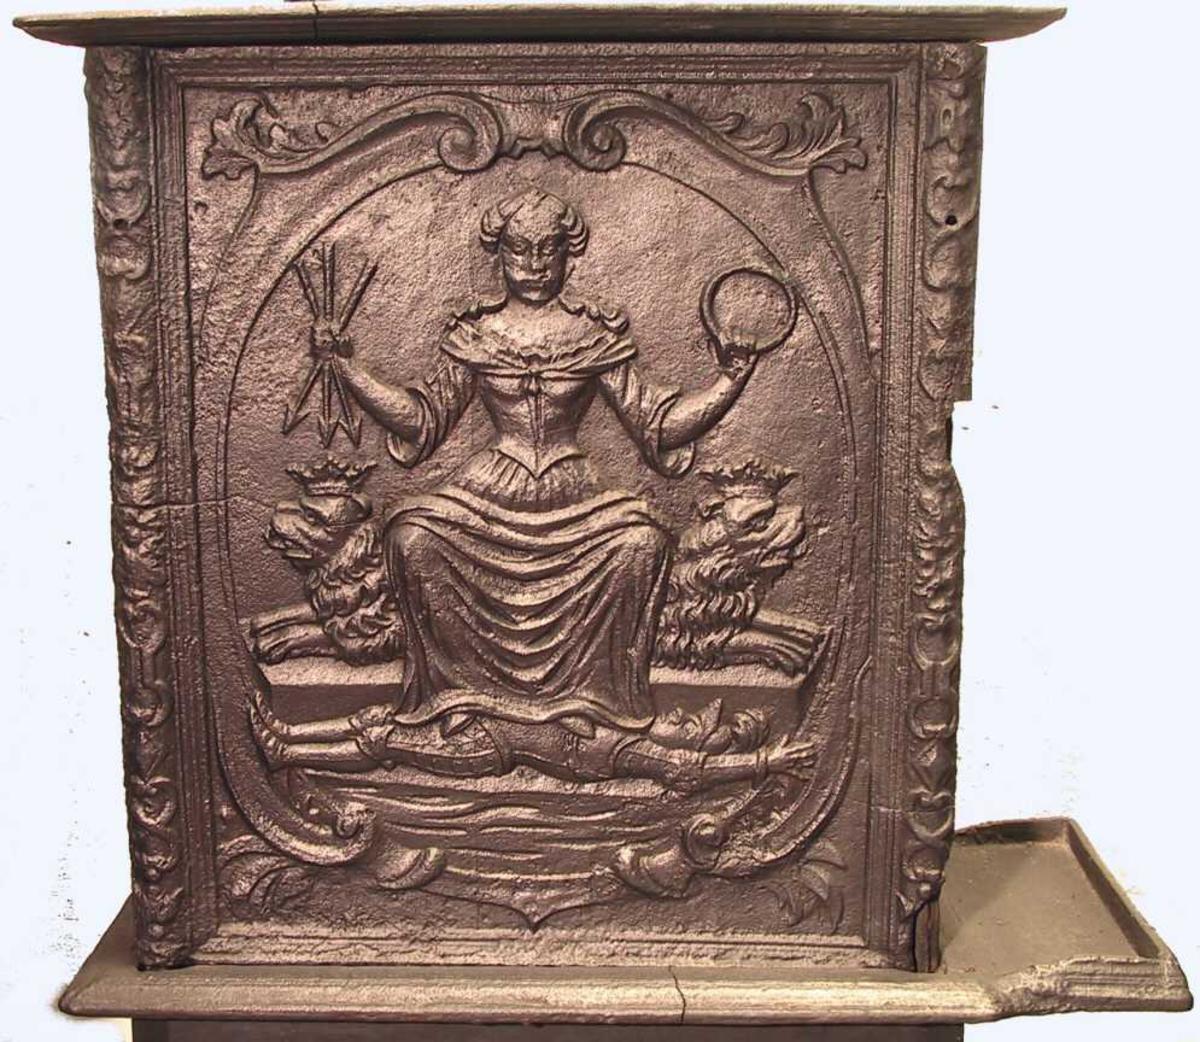 Christianias byvåpen, St. Hallvard som kvinne, og den reddede som ridder, Justitia